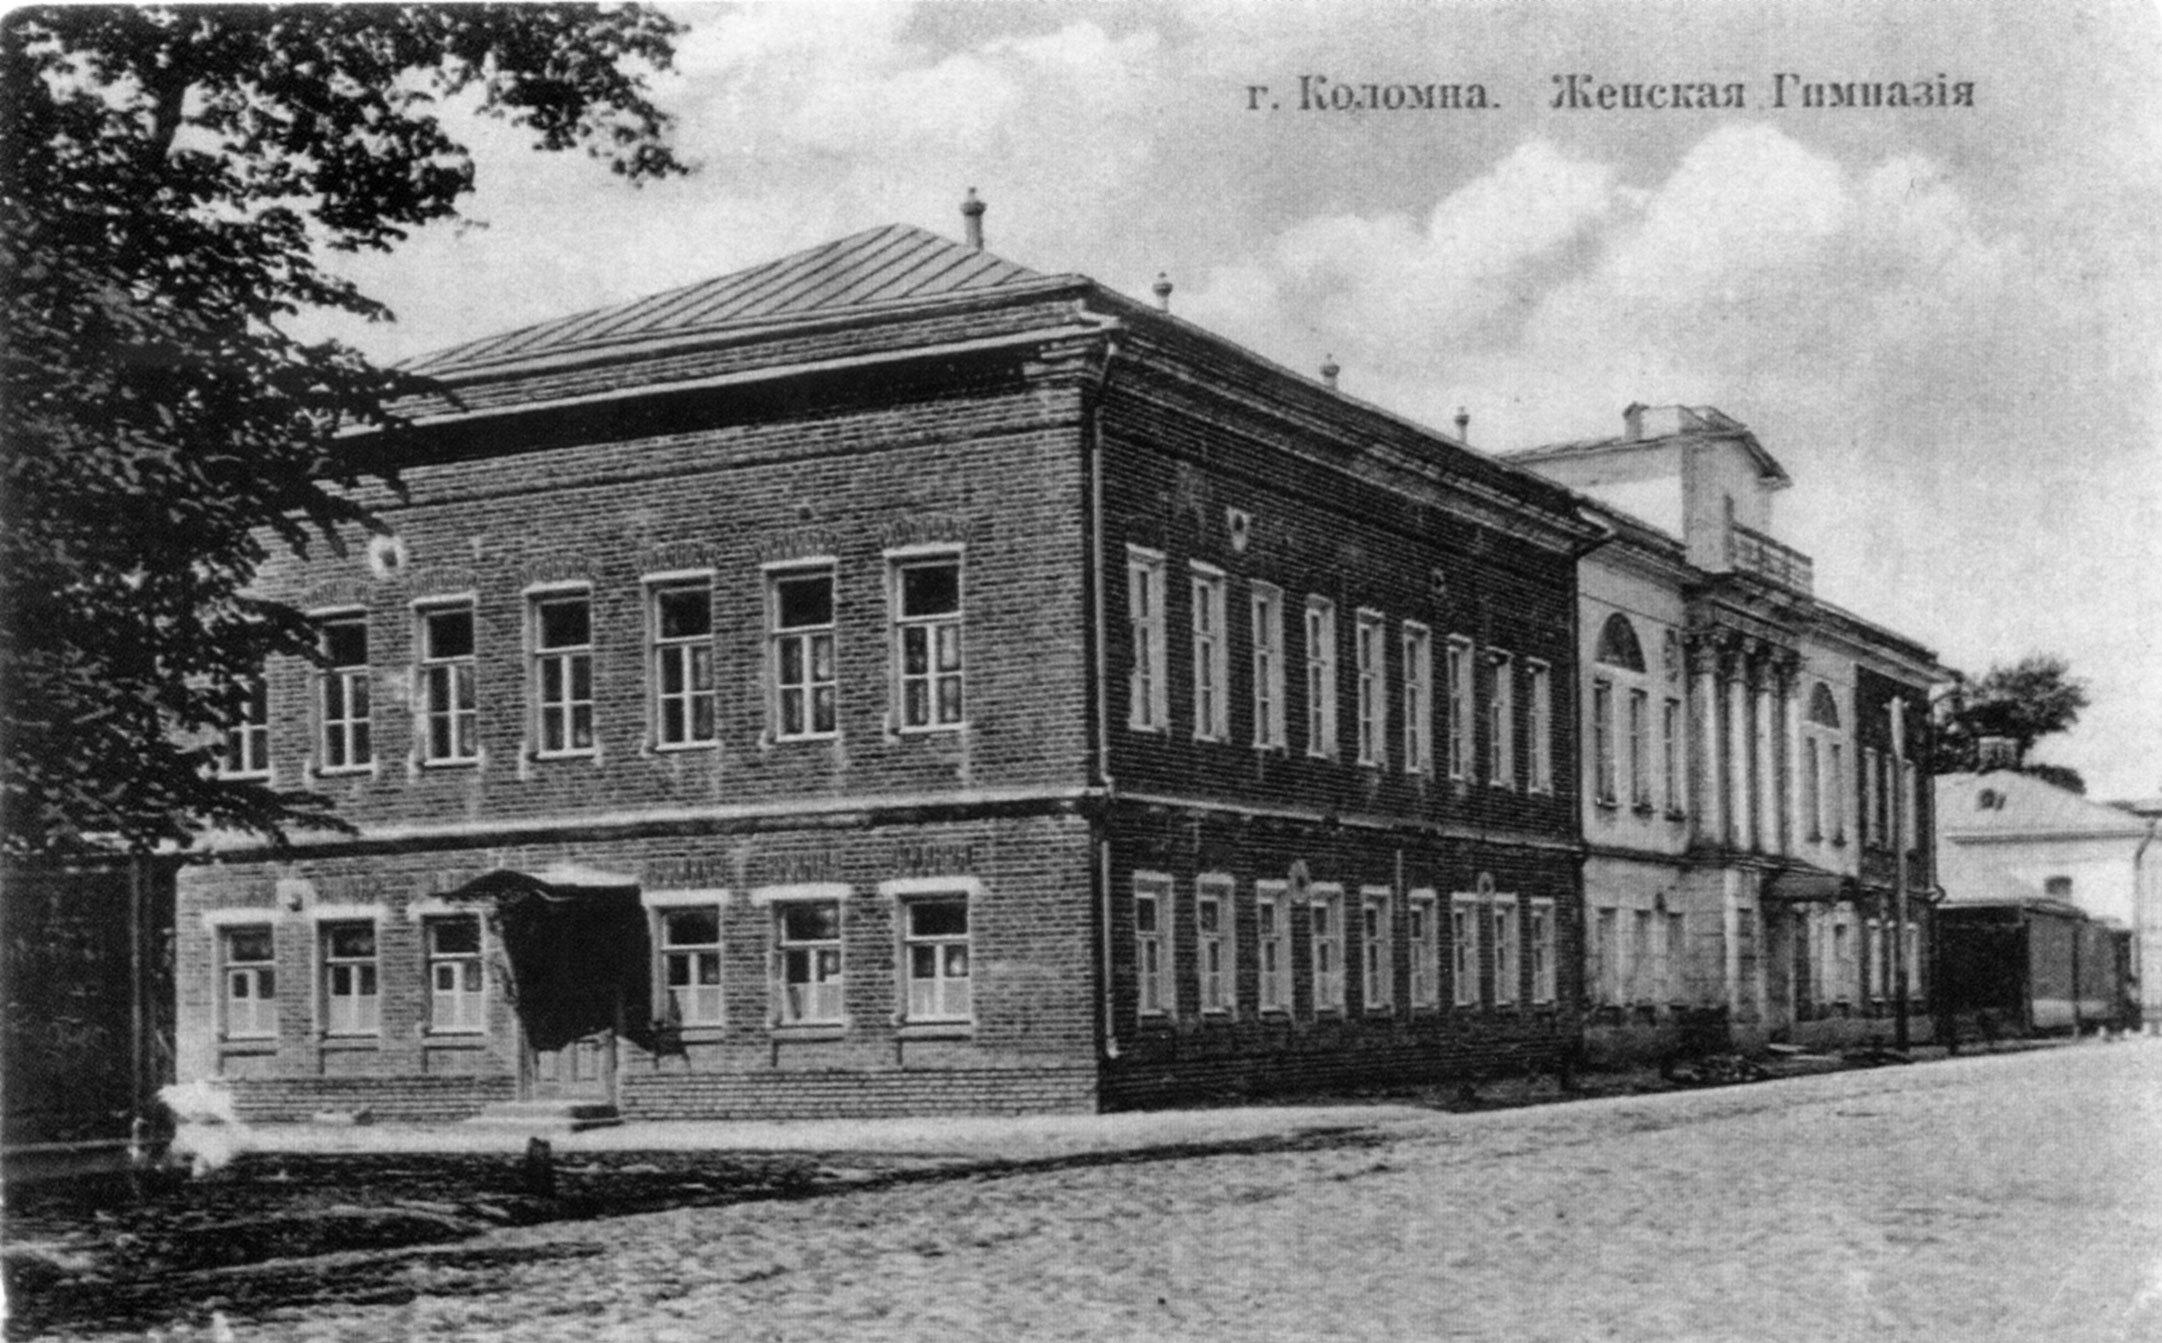 Пятницкая улица. Пушкинская женская гимназия.